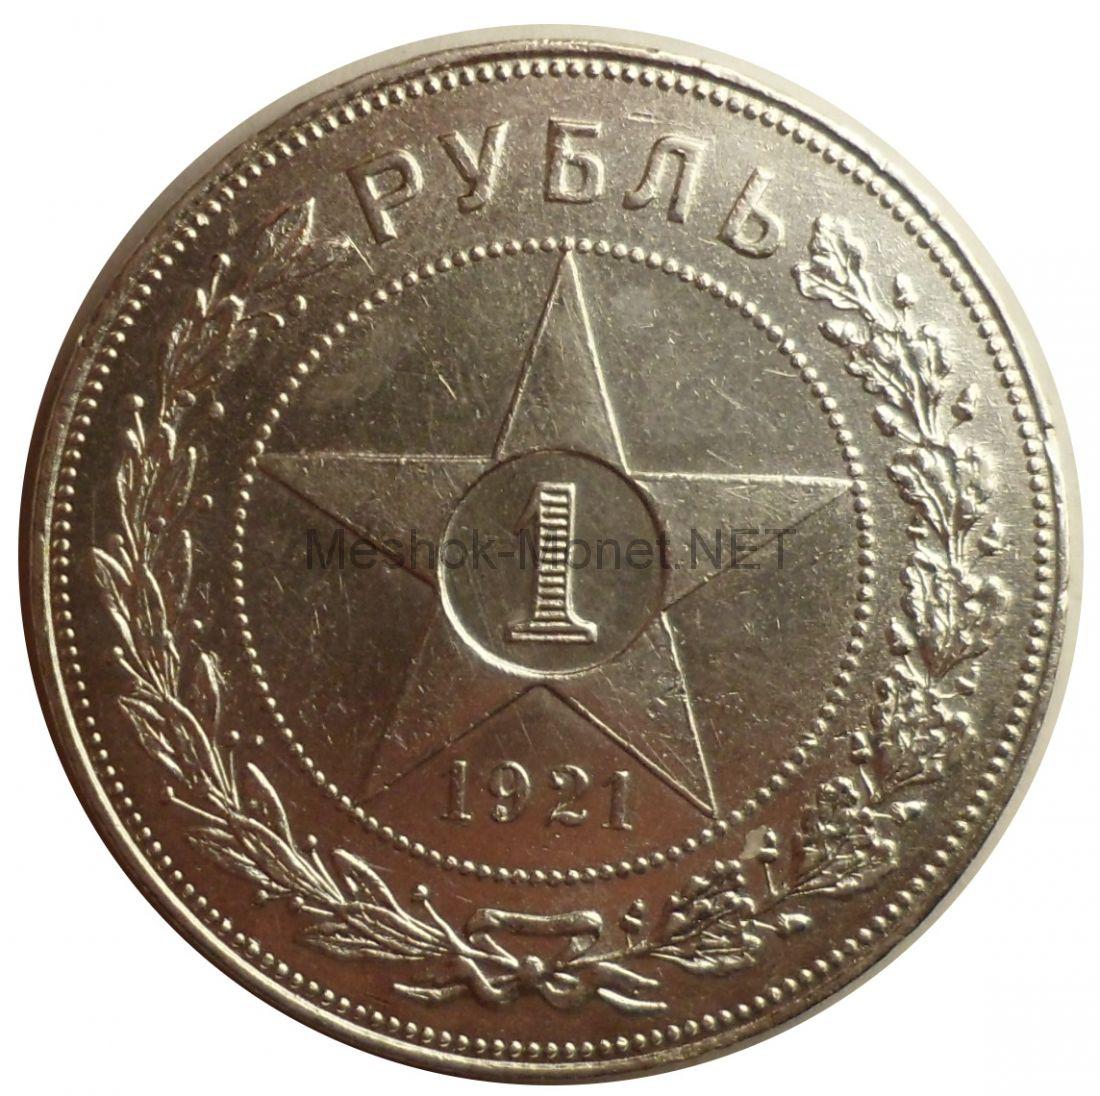 1 рубль 1921 года АГ # 3